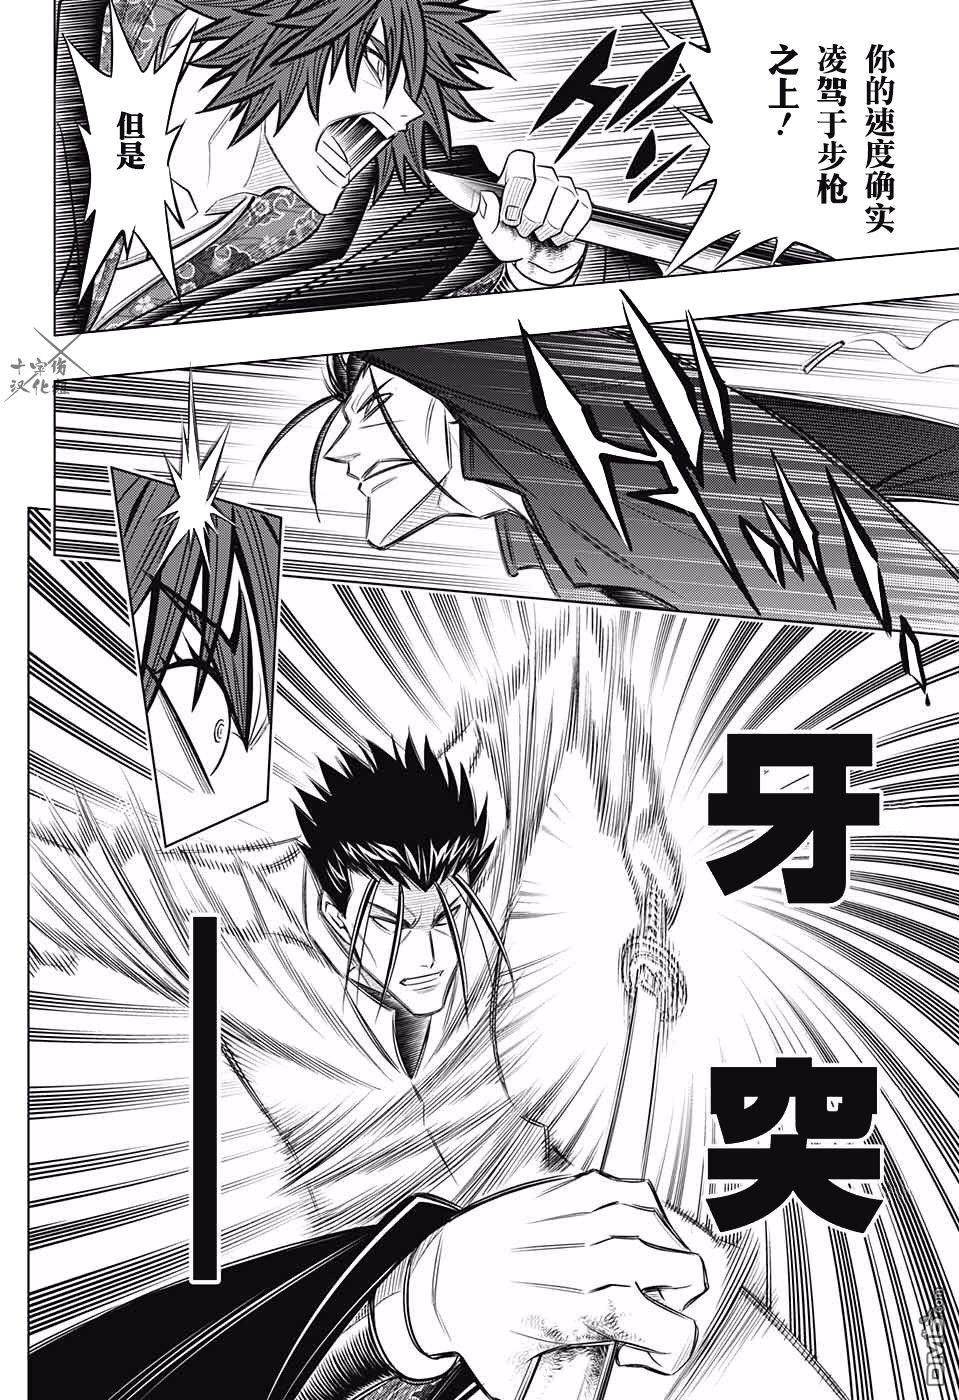 浪客劍心漫畫北海道篇06(第6頁)劇情-二次元動漫